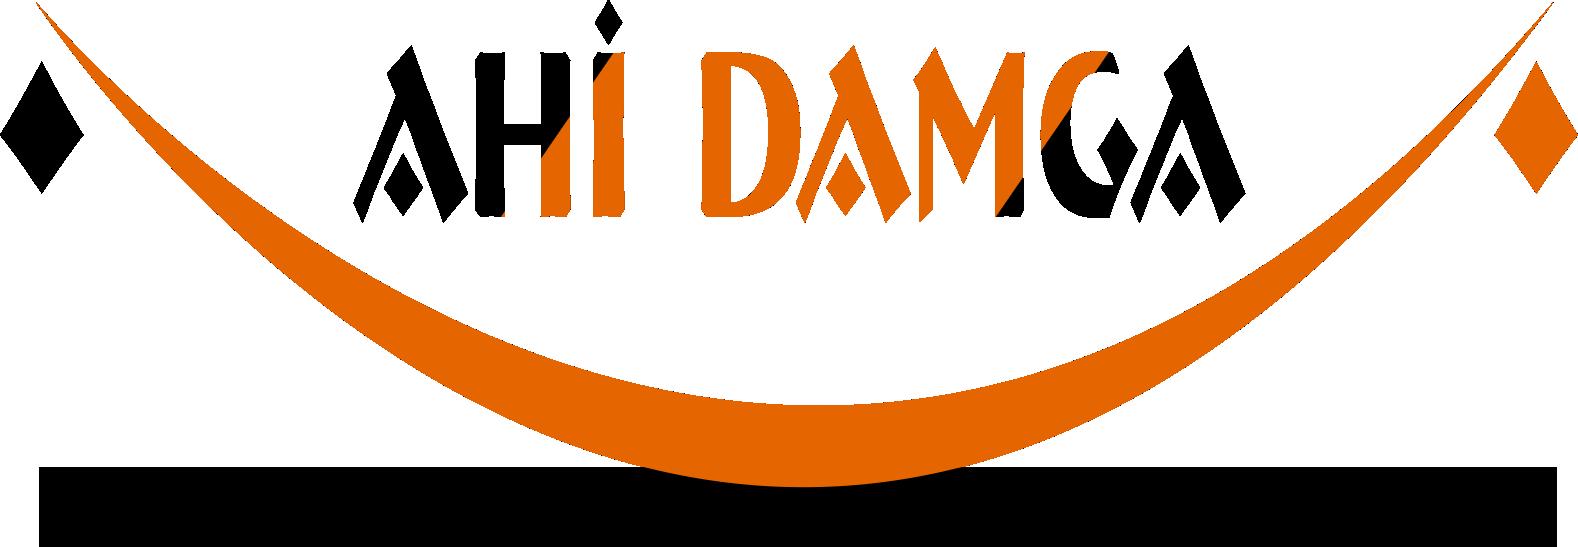 Ahi Damga